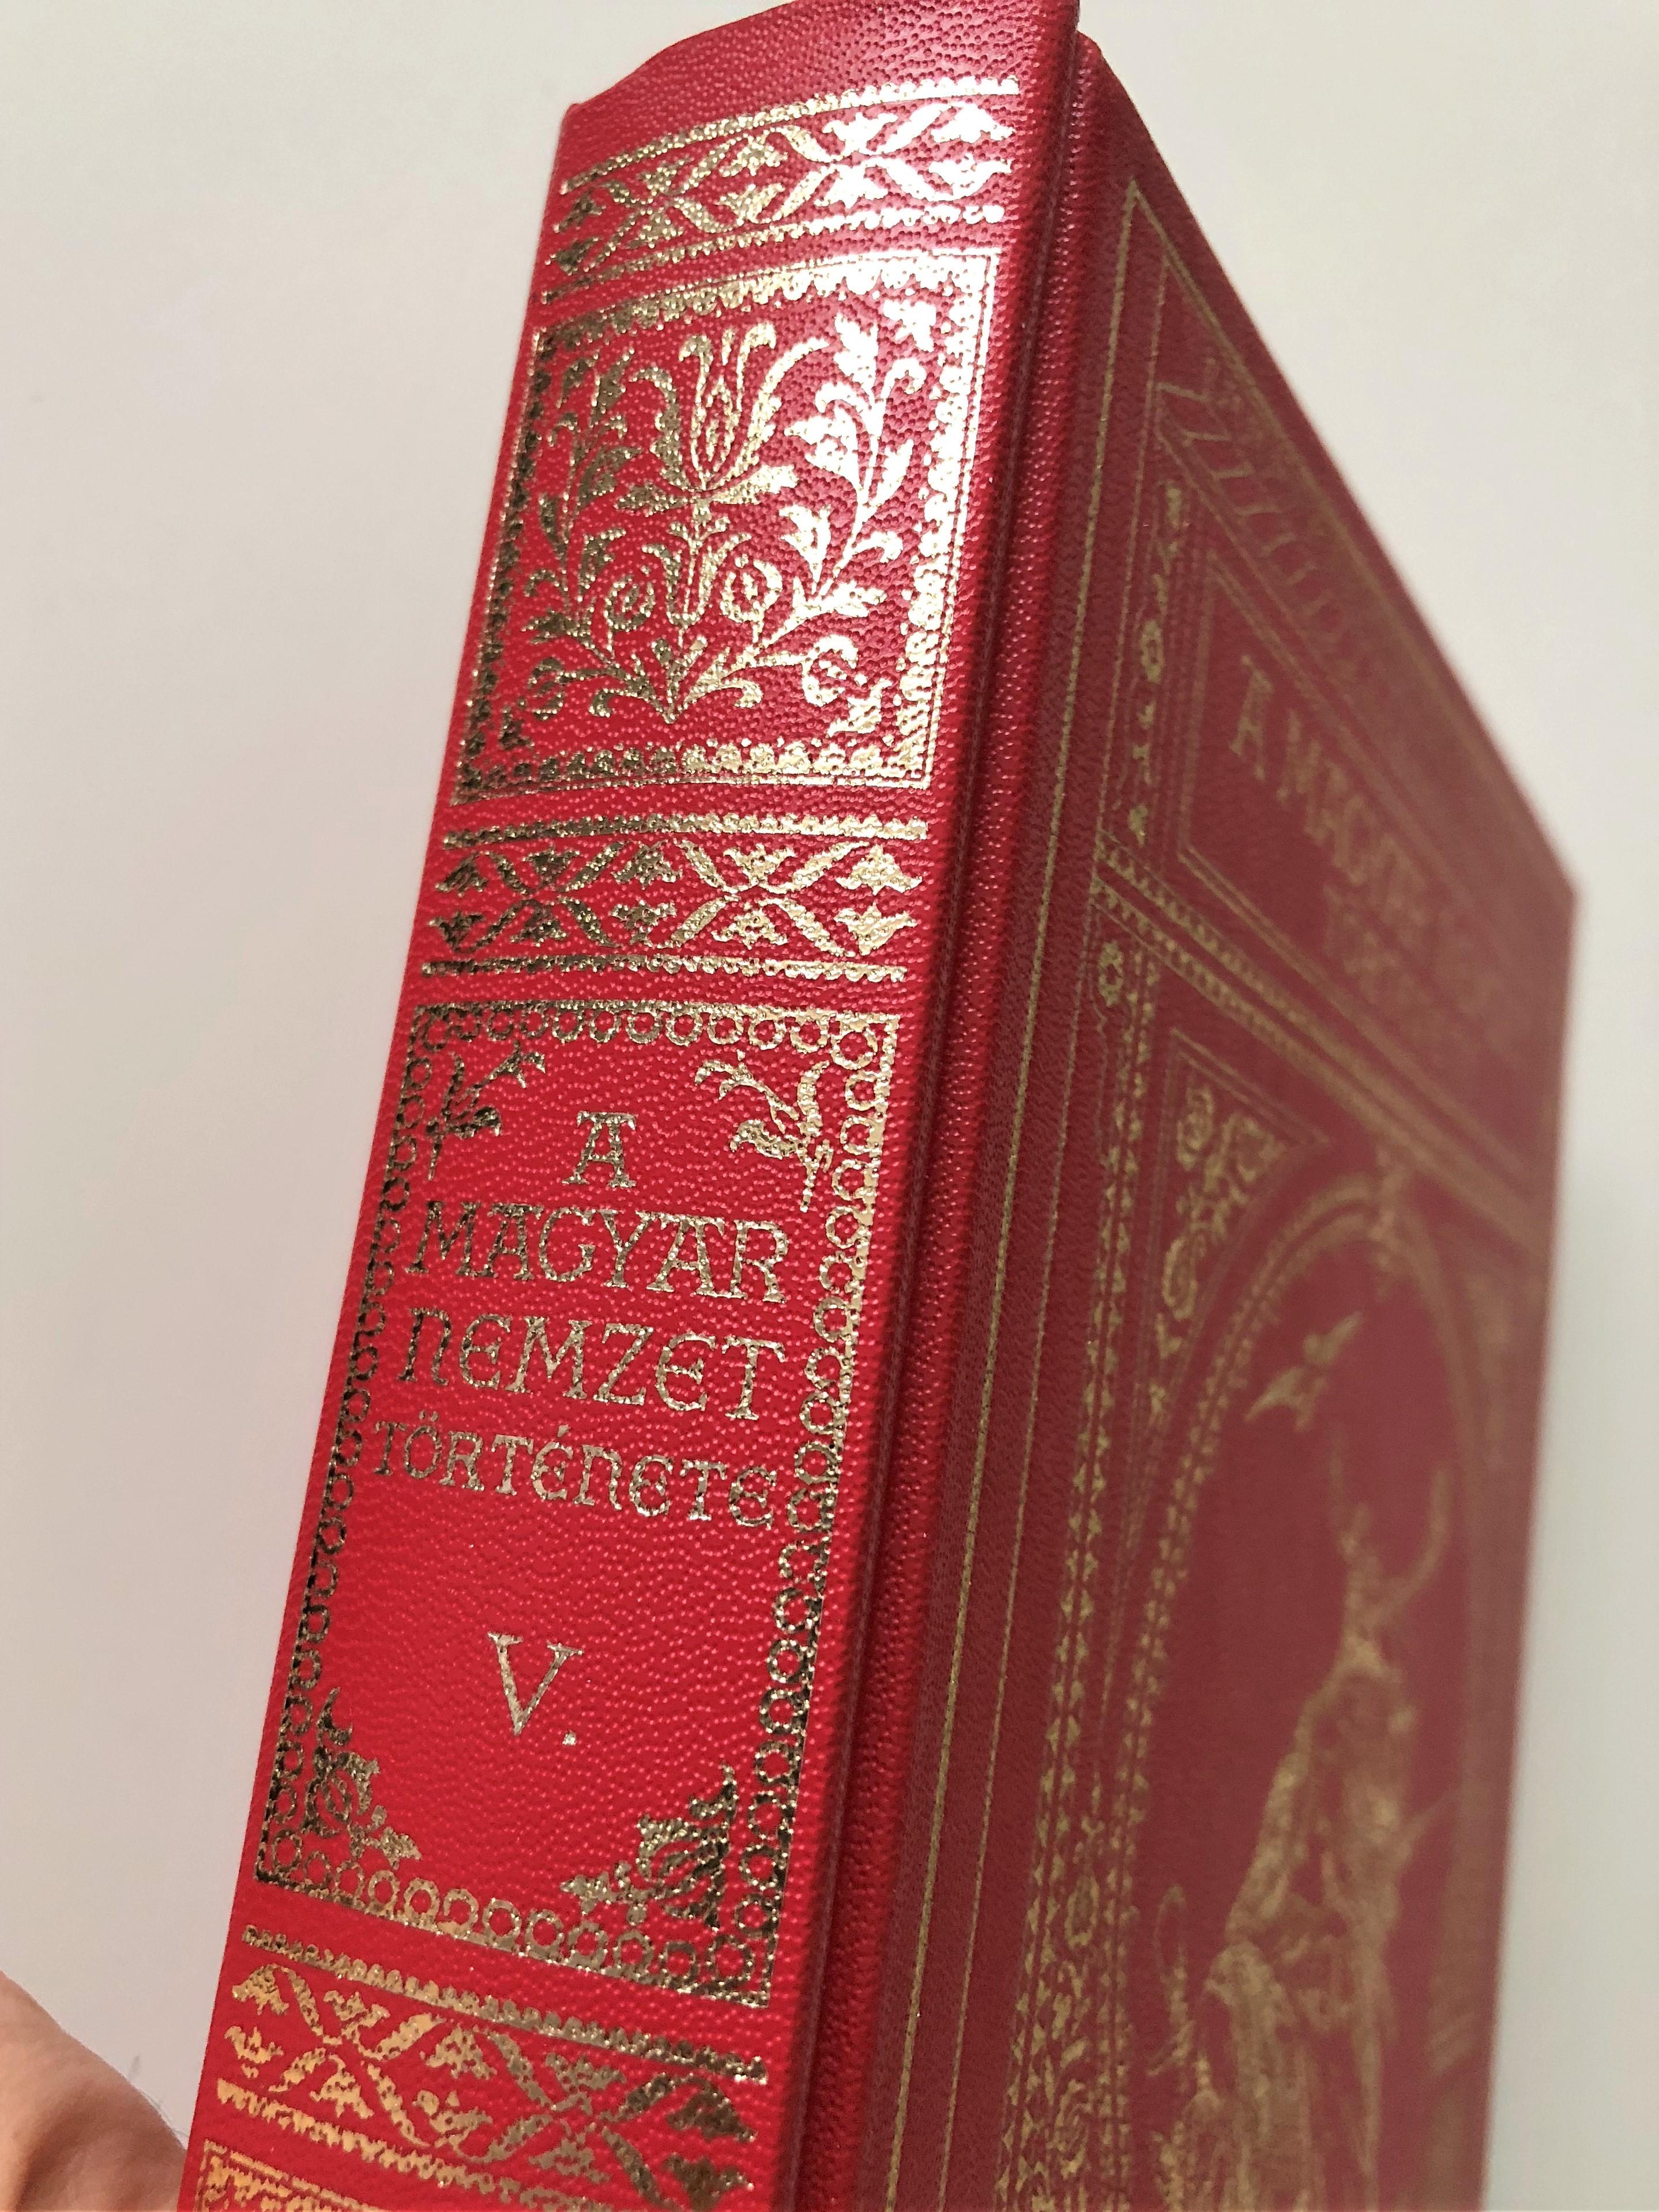 a-magyar-nemzet-t-rt-nete-1895-3-.jpg